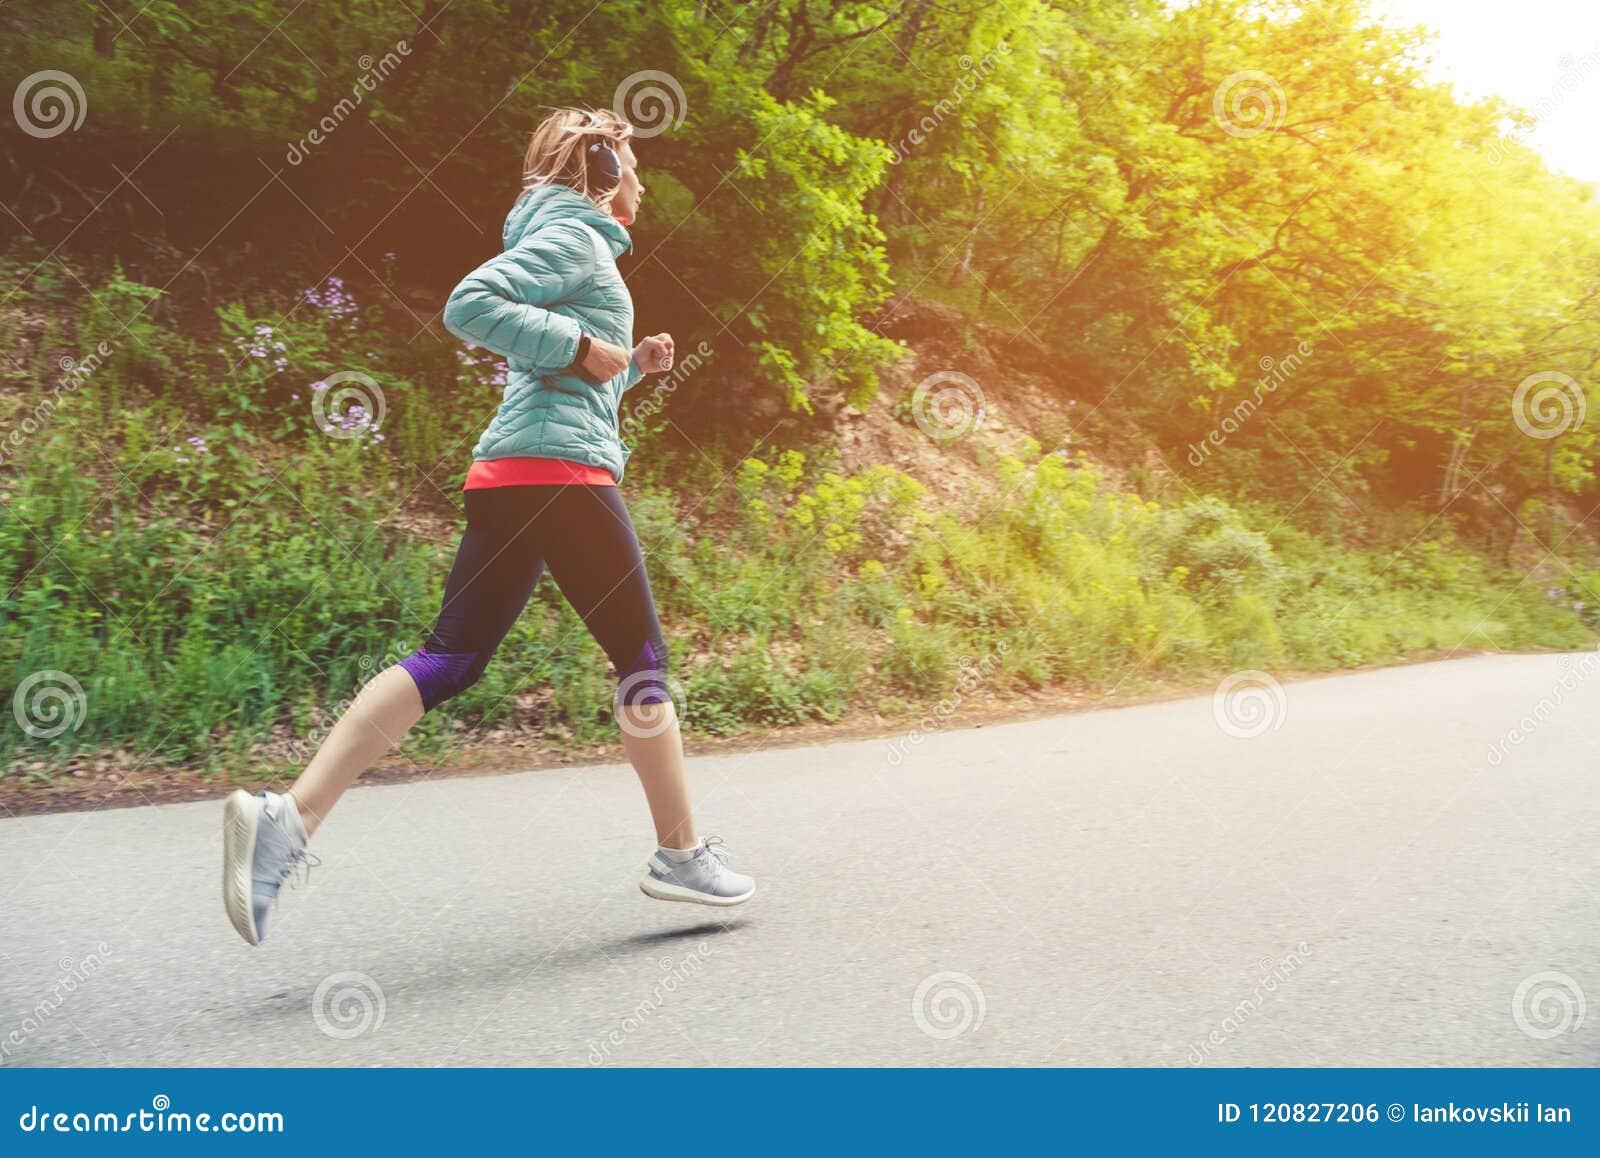 Un funcionamiento rubio joven de la mujer está practicando al aire libre en un parque de la montaña de la ciudad en los rayos cal